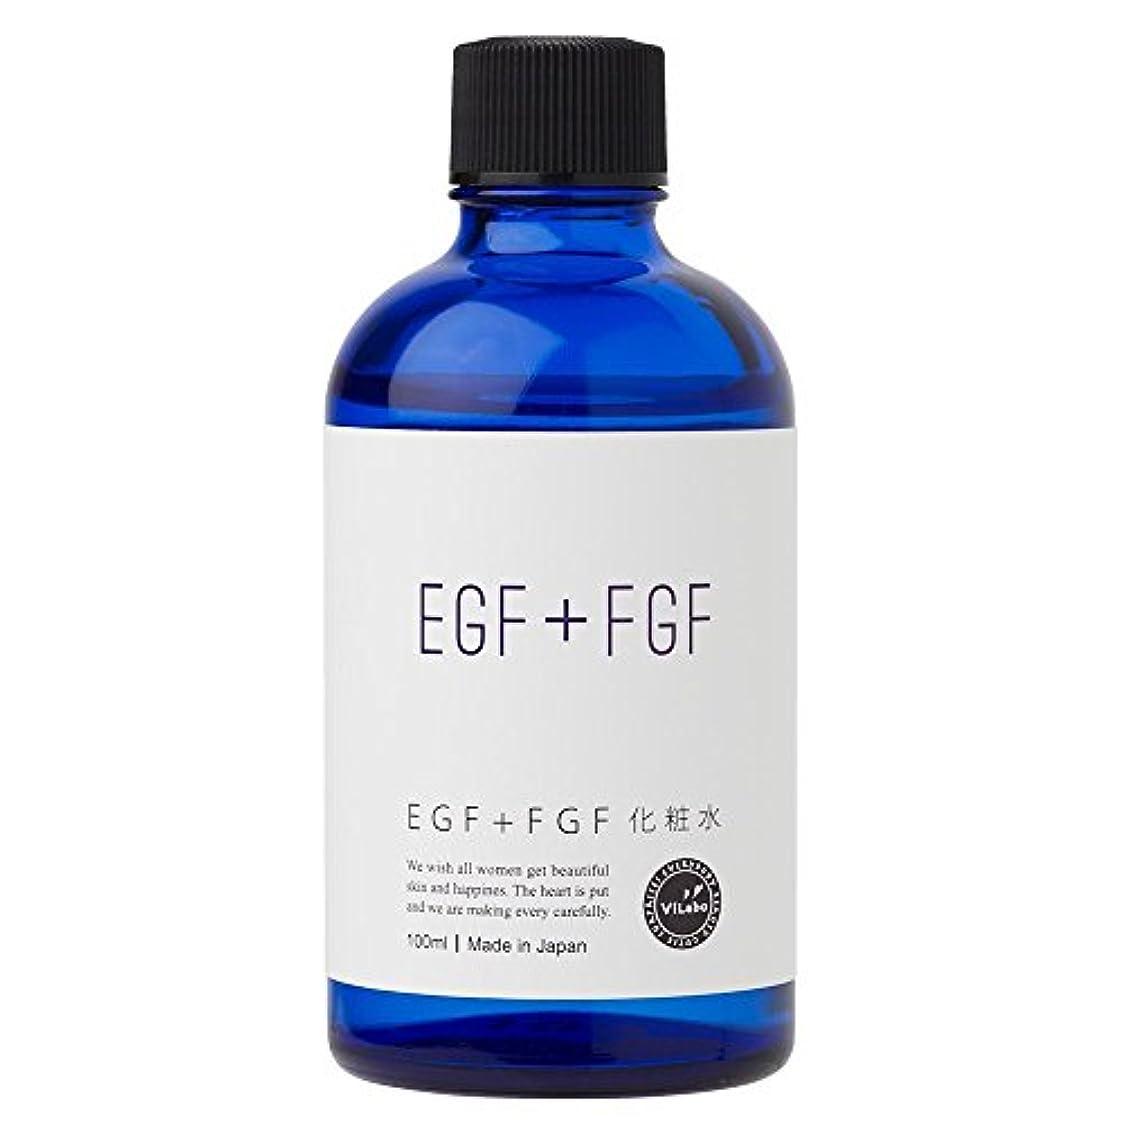 扱いやすい導体集めるEGF+FGF化粧水-天然温泉水+高級美容成分の浸透型化粧水-品名:ハッピーローションEF ノンパラベン、アルコール、フェノキシエタノール、石油系合成界面活性剤無添加 (ボトルタイプ100ml)